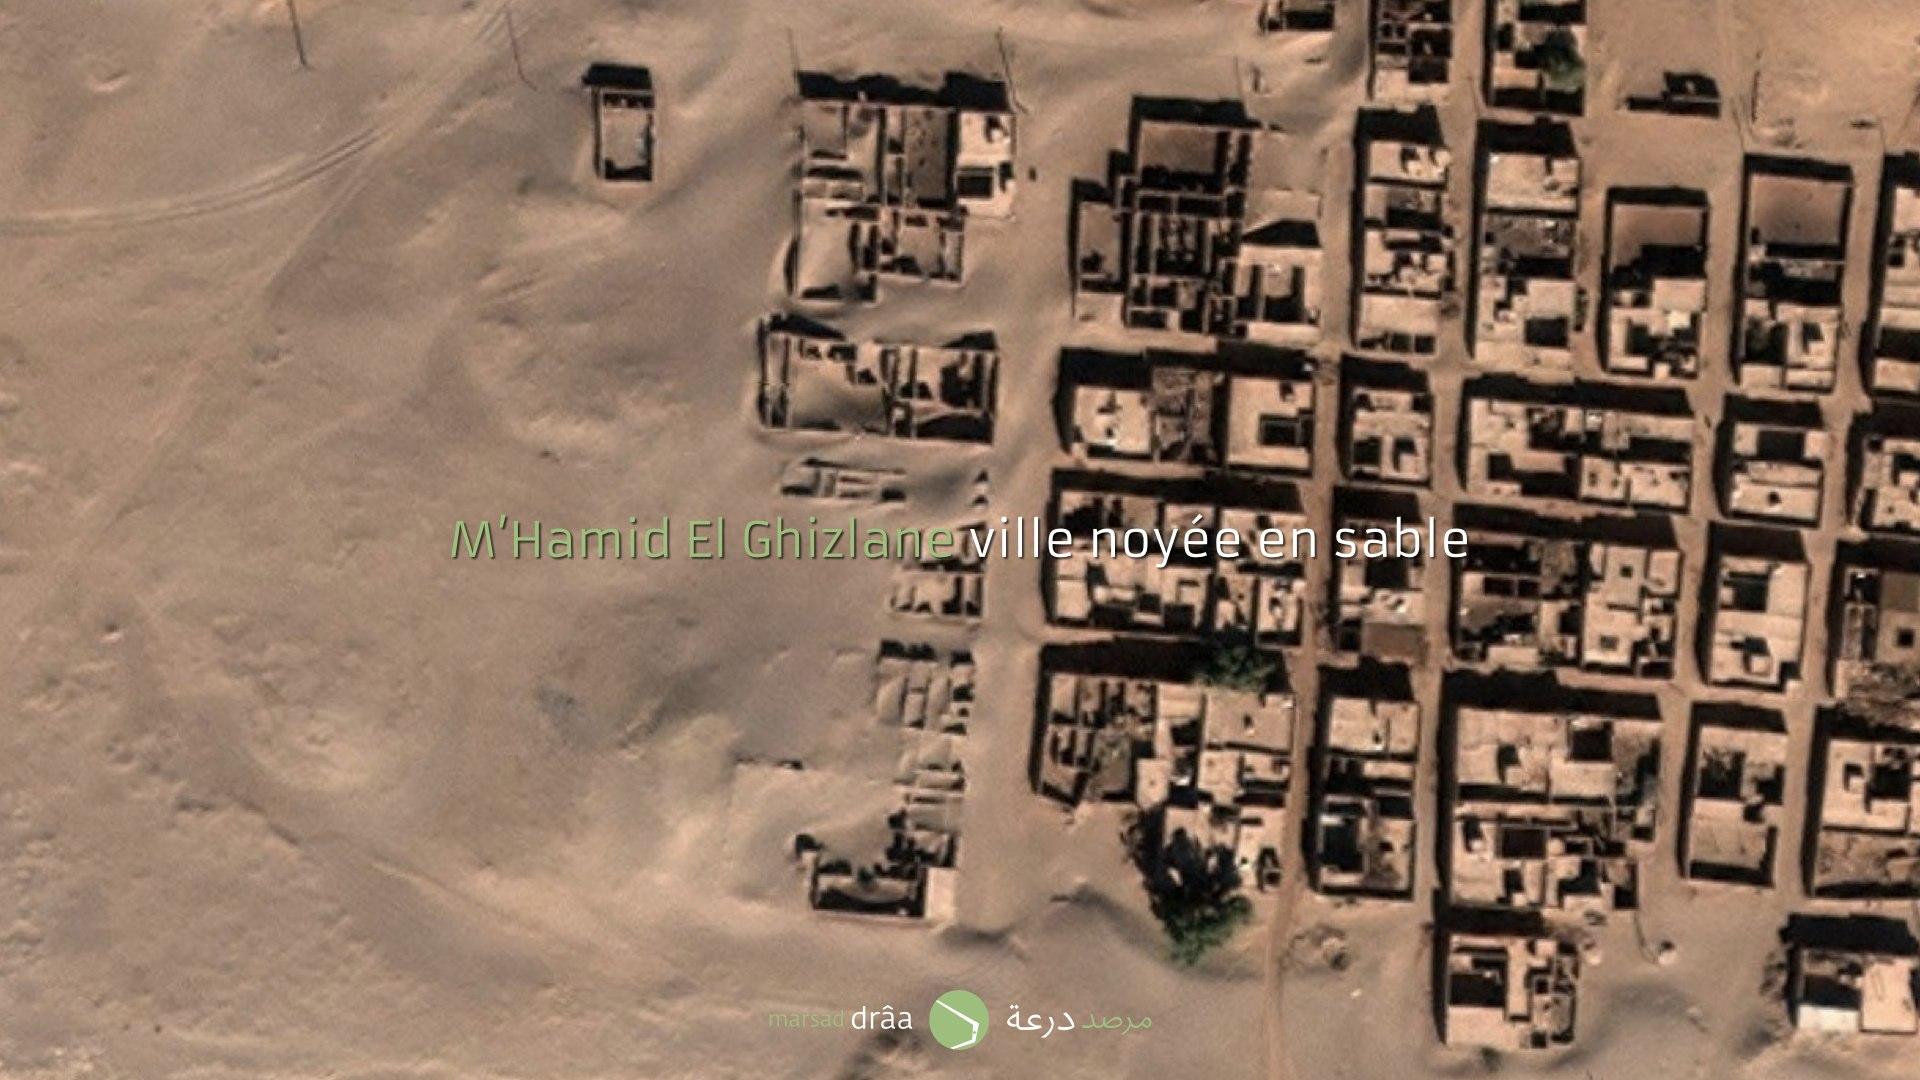 Lors du tournage du documentaire avec MonaLisa Prod, on a repéré des maisons remplies entièrement de sable à M'Hamid El Ghizlane (Zagora), un ensablement qui continue son parcours et qui fait disparaître des maisons.